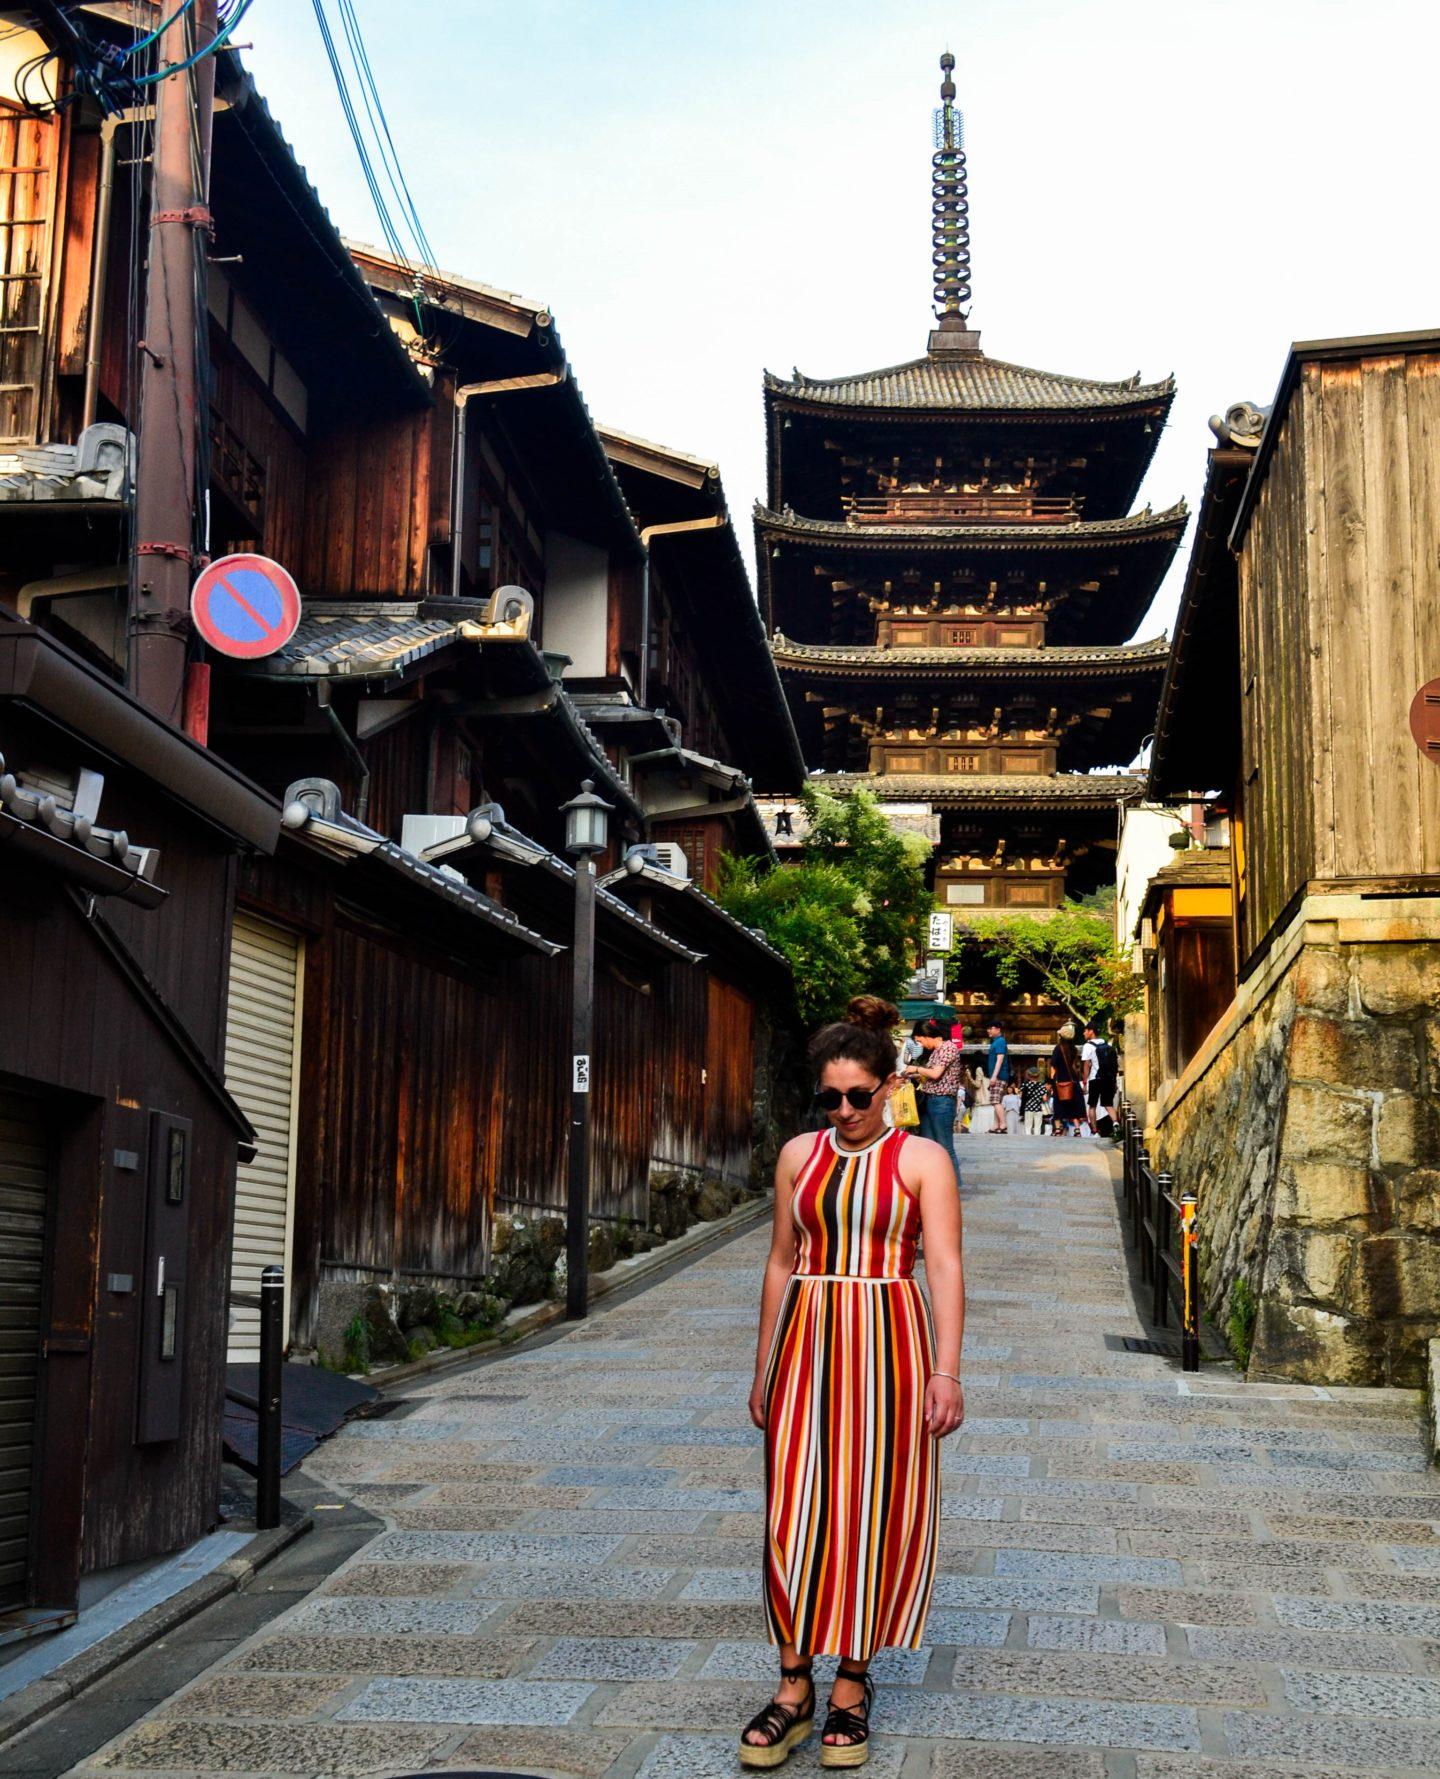 ragazza che cammina per vie giapponesi